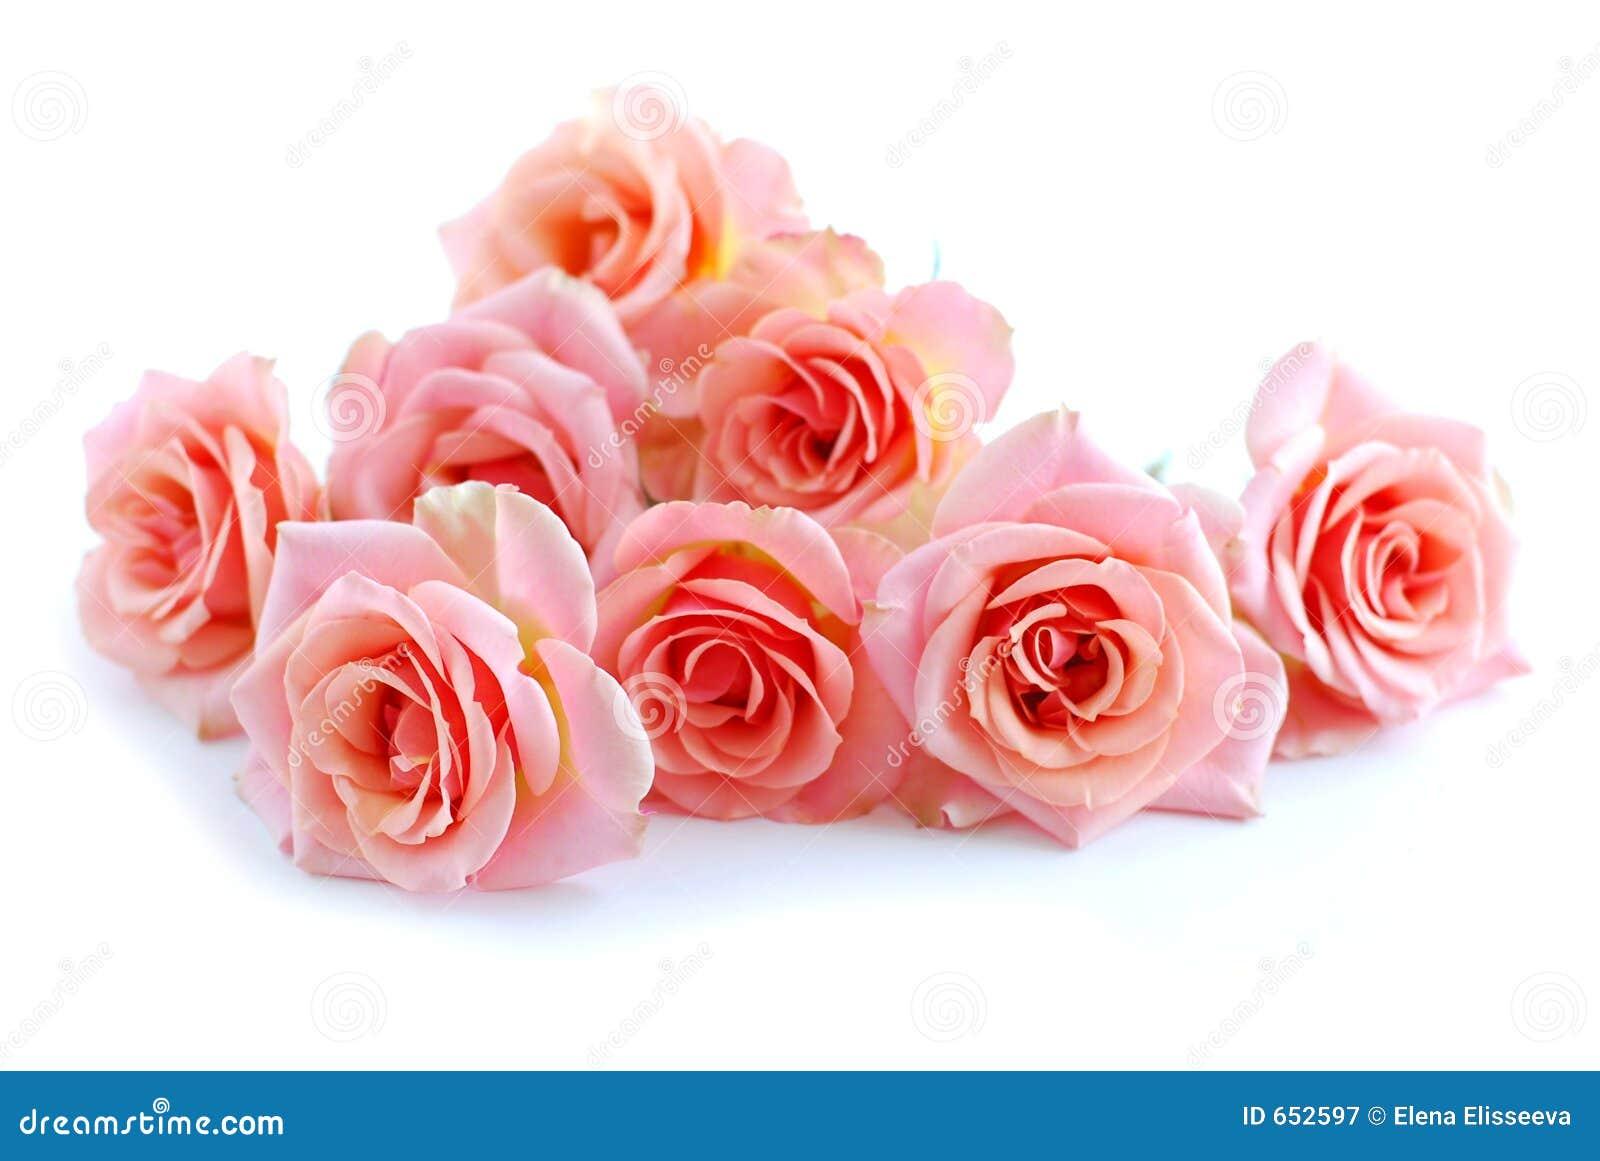 空白桃红色的玫瑰